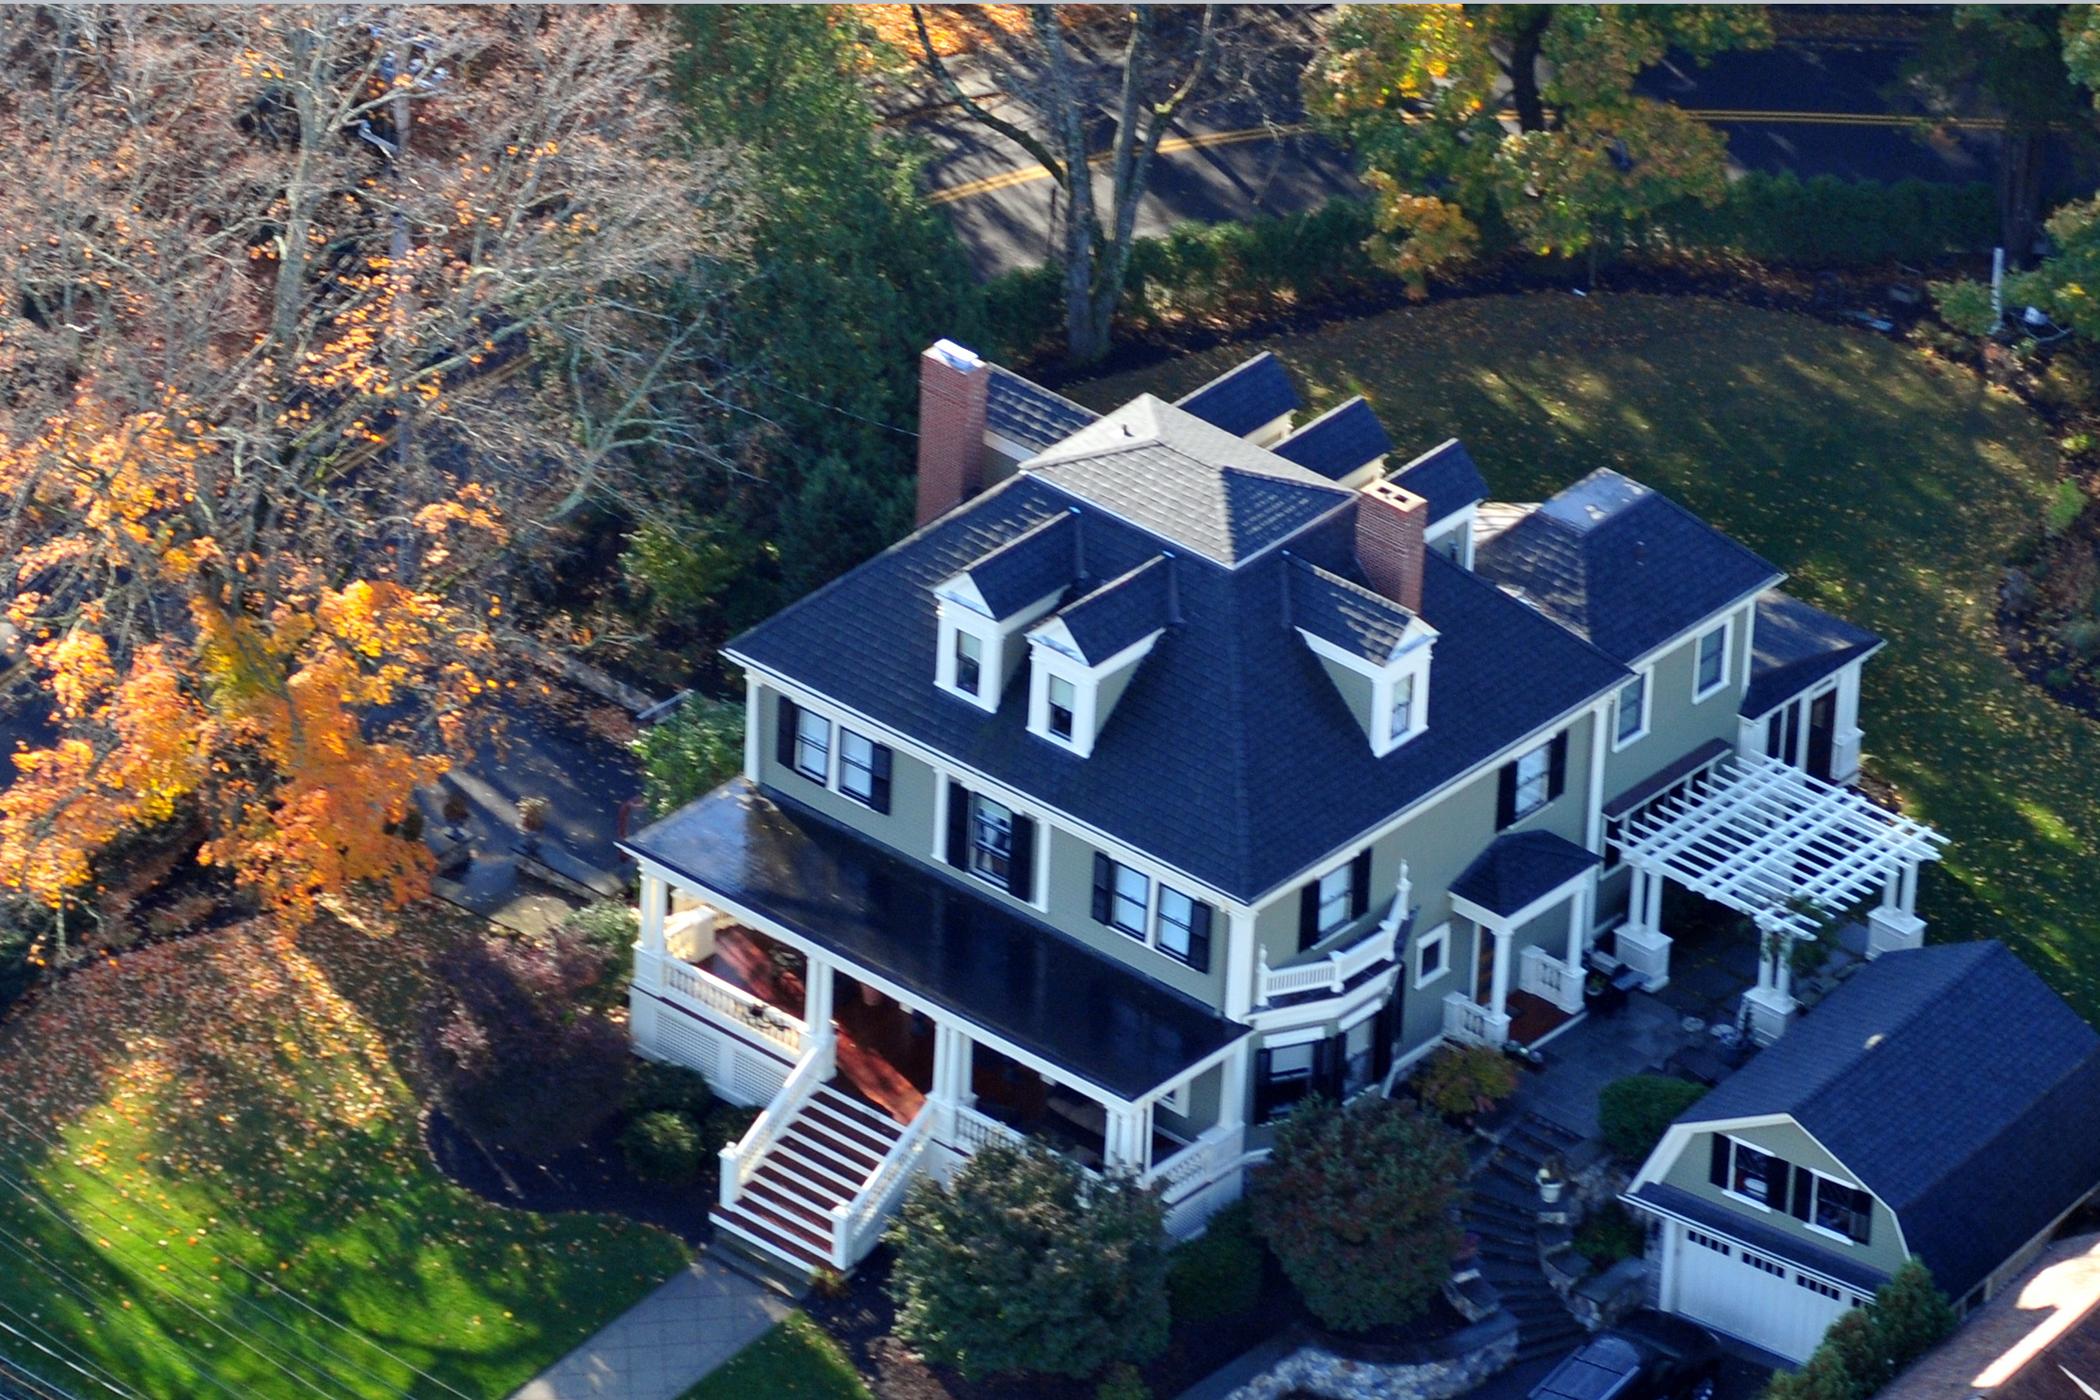 Частный односемейный дом для того Продажа на Landmark Home in Downtown Lexington 1536 Massachusetts Ave Lexington, Массачусетс, 02420 Соединенные Штаты